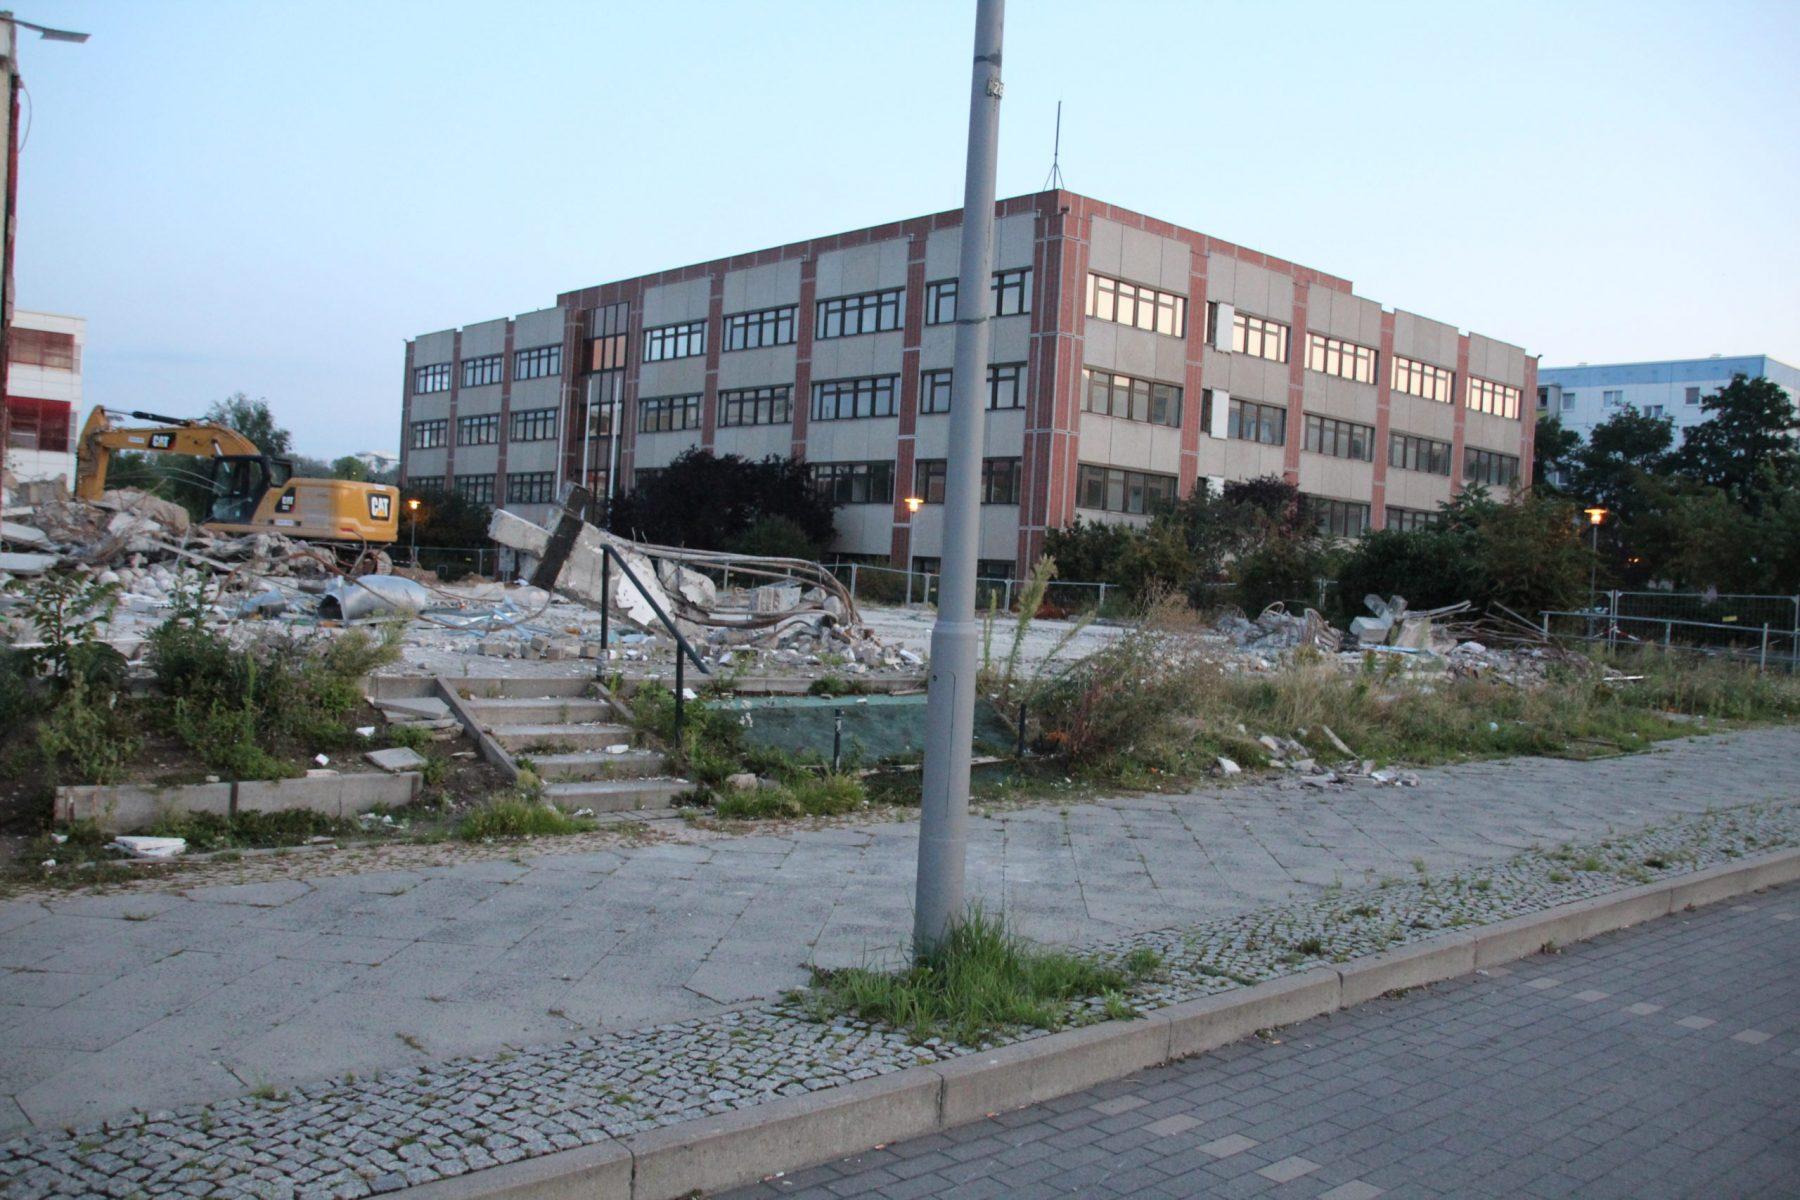 IMG_2009-scaled